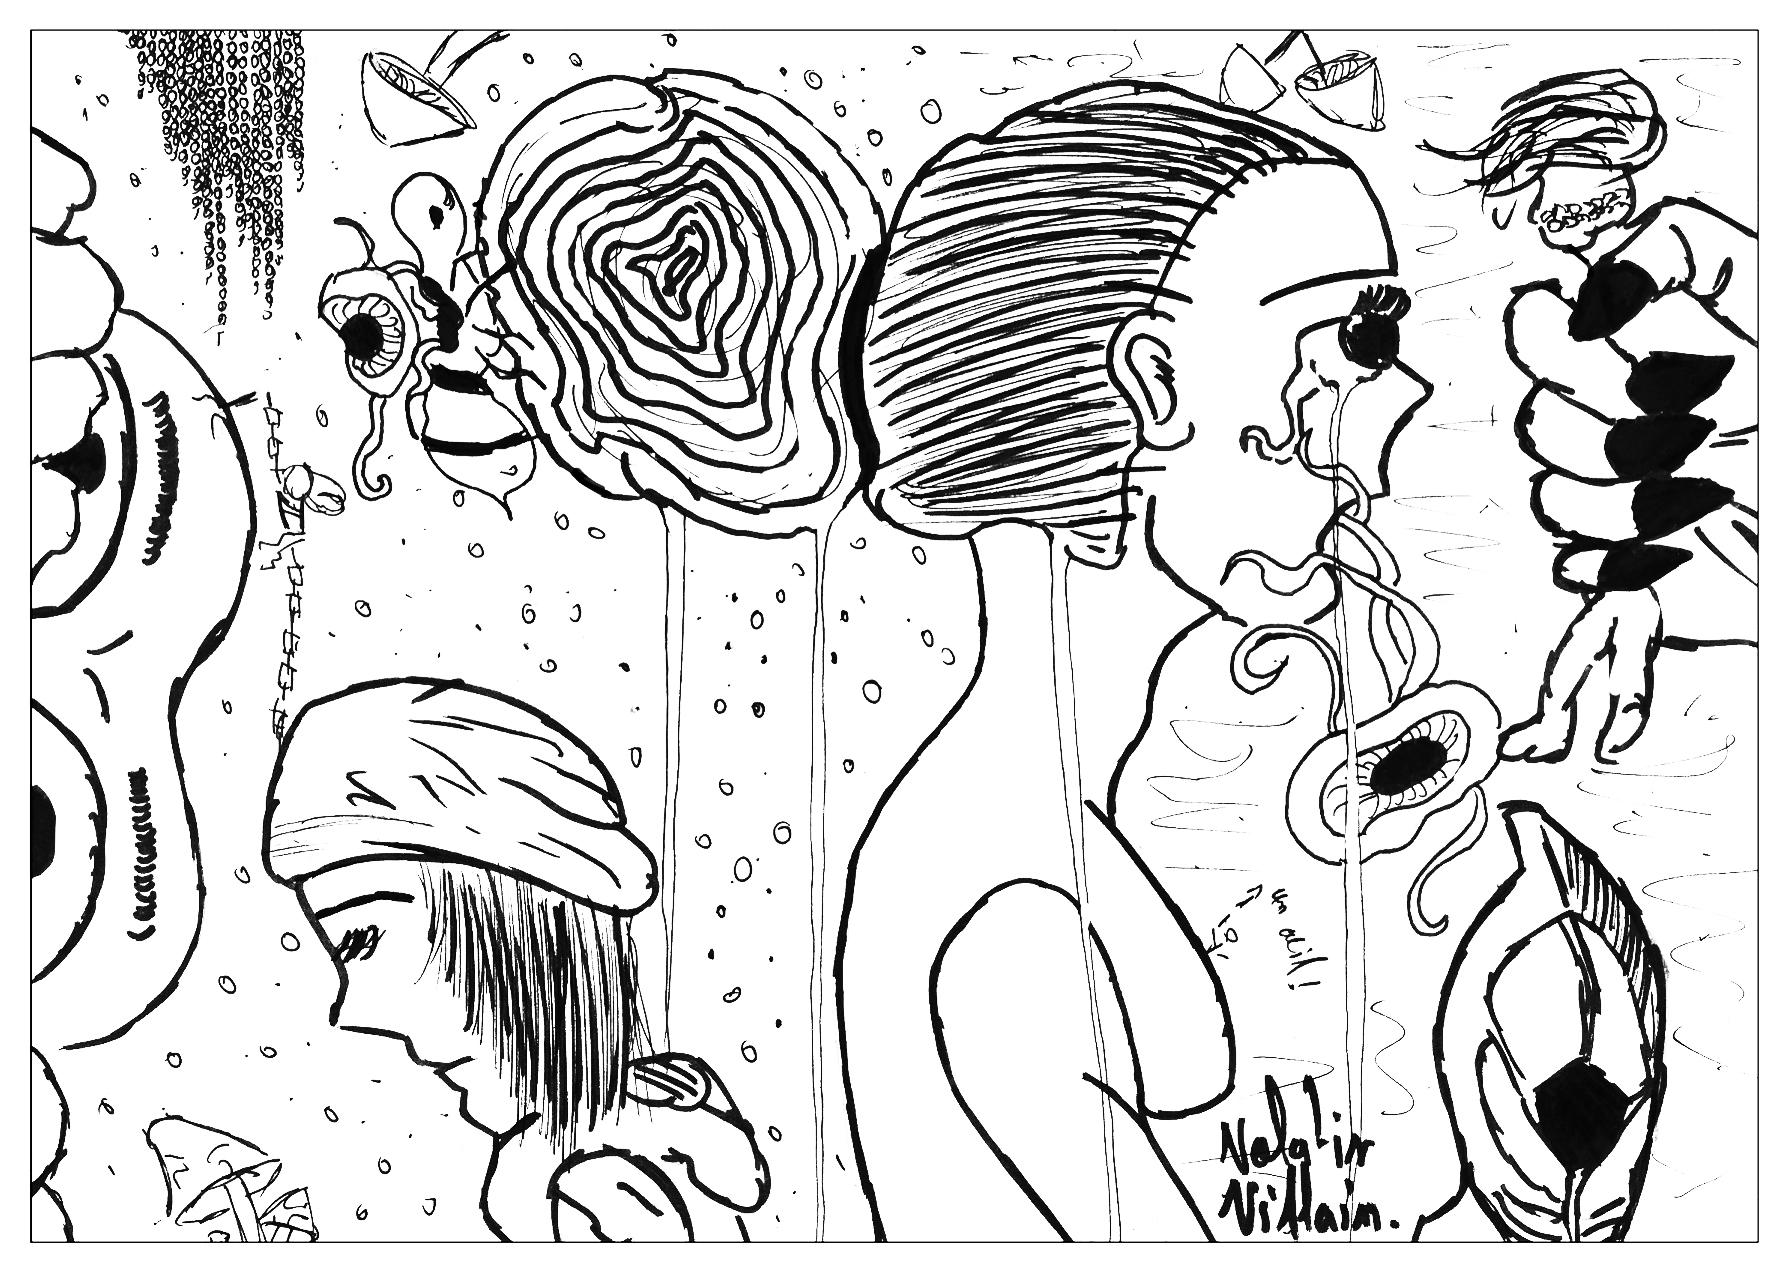 Un Doodle pour les esprits les plus étranges parmi vous.